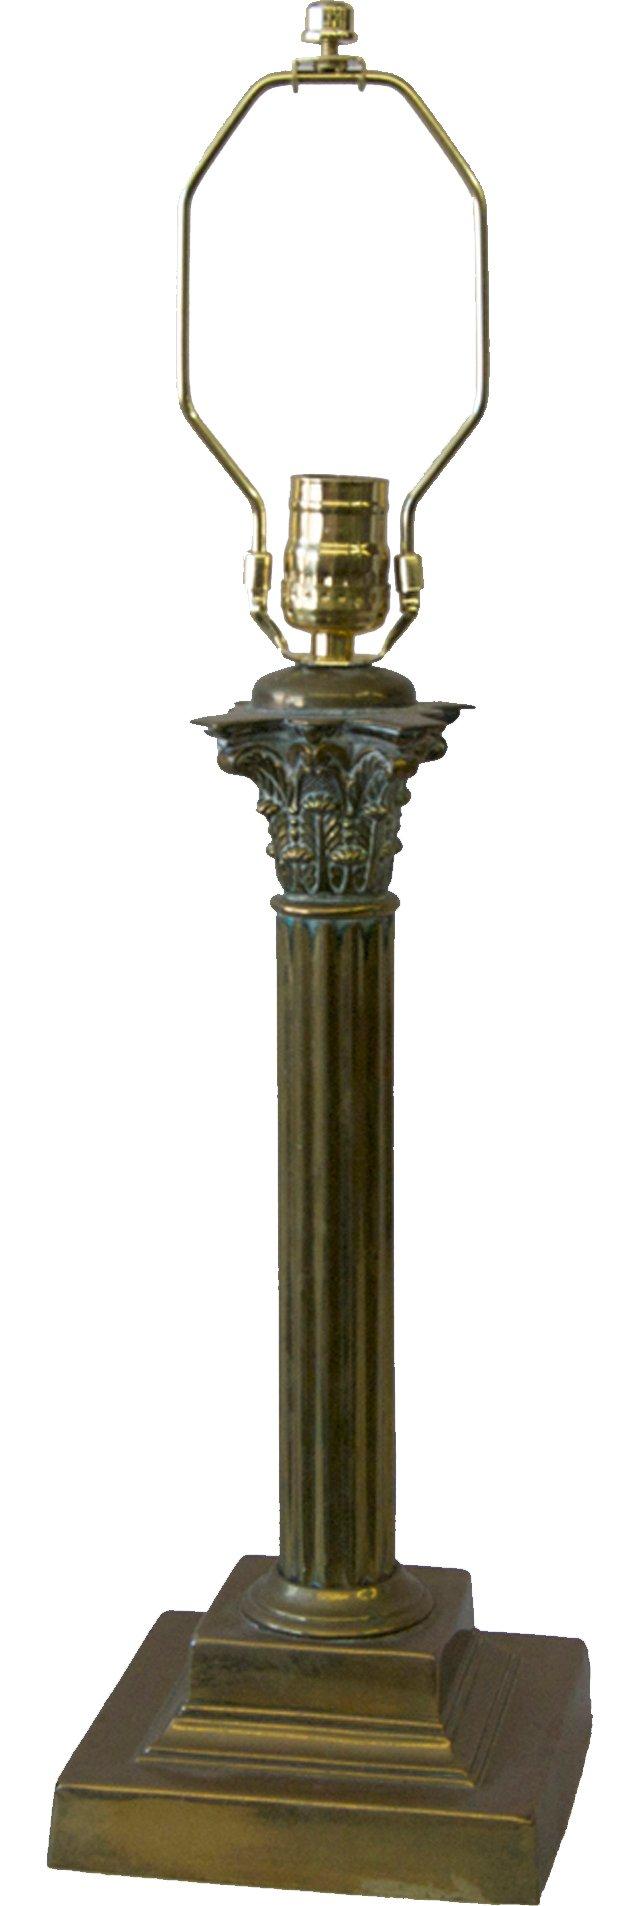 English Brass Candlestick Lamp